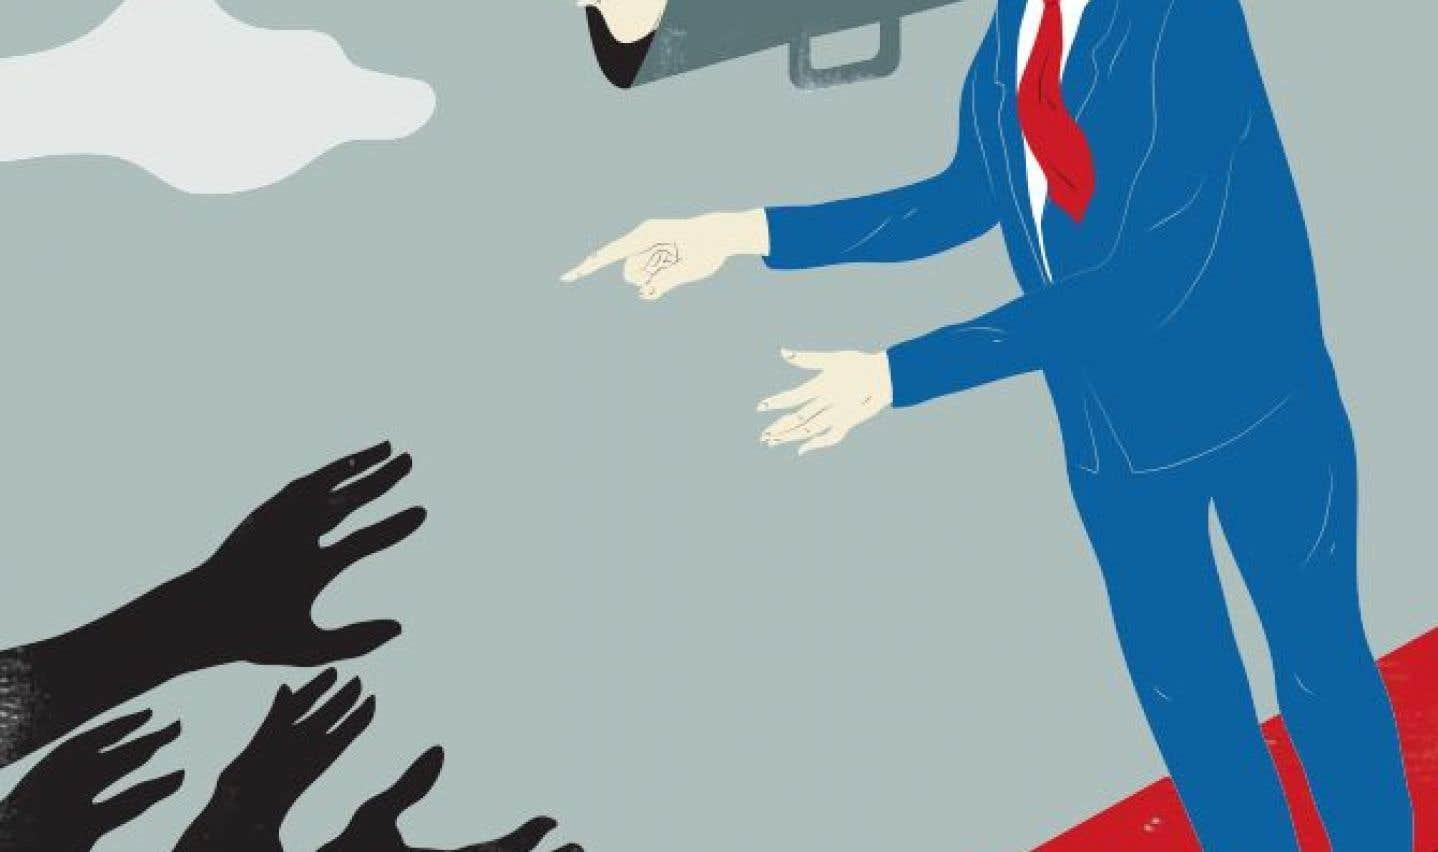 Le populisme est-il antidémocratique?